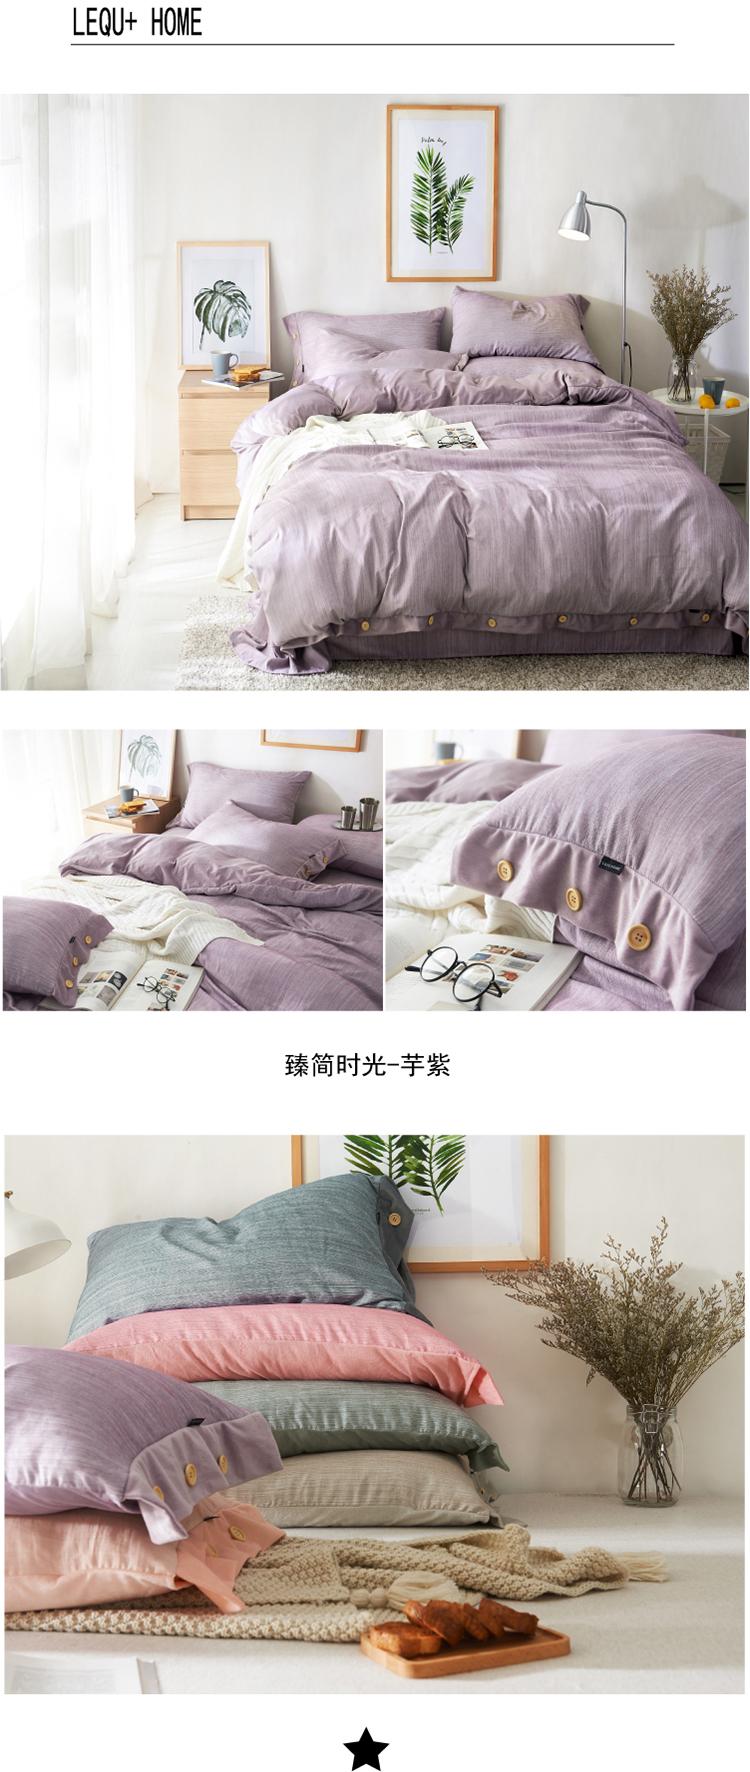 跟图臻简时光-芋紫.jpg